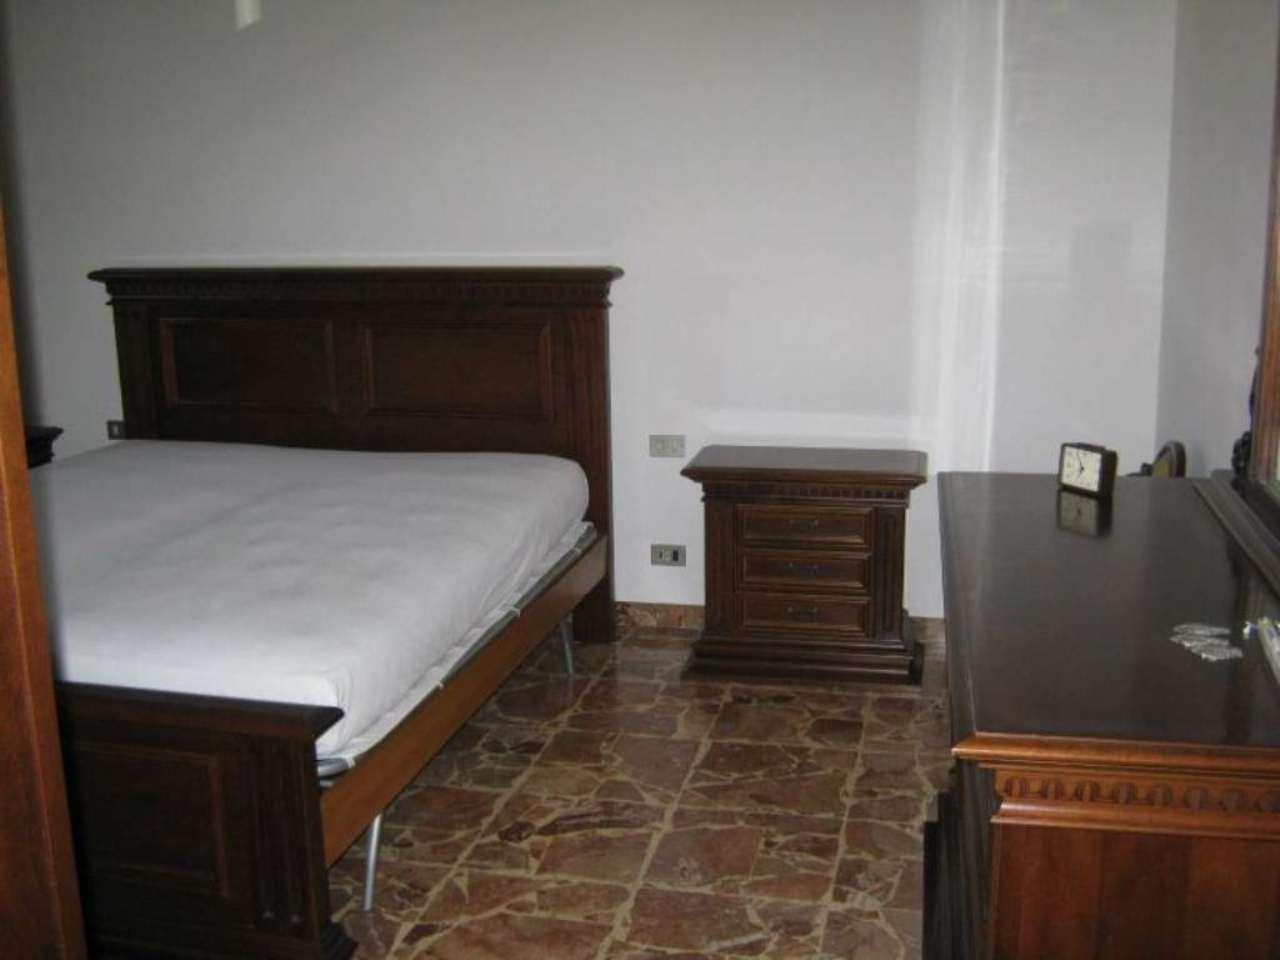 Palazzo / Stabile in vendita a Empoli, 9 locali, prezzo € 320.000   Cambio Casa.it